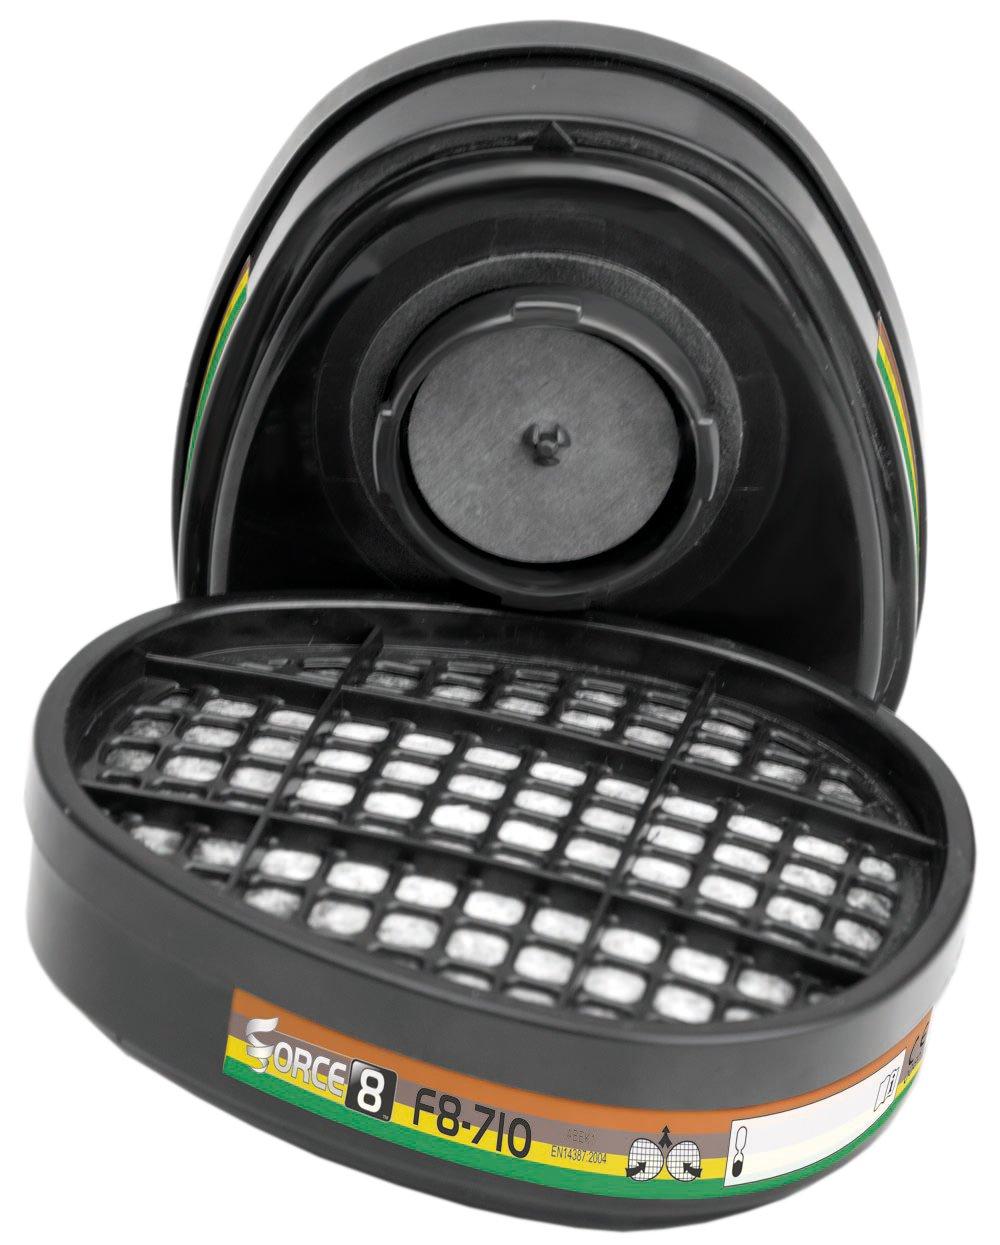 JSP BMN330-011-700 ABEK1 Force 8 Combi Cartridges Pack of 2